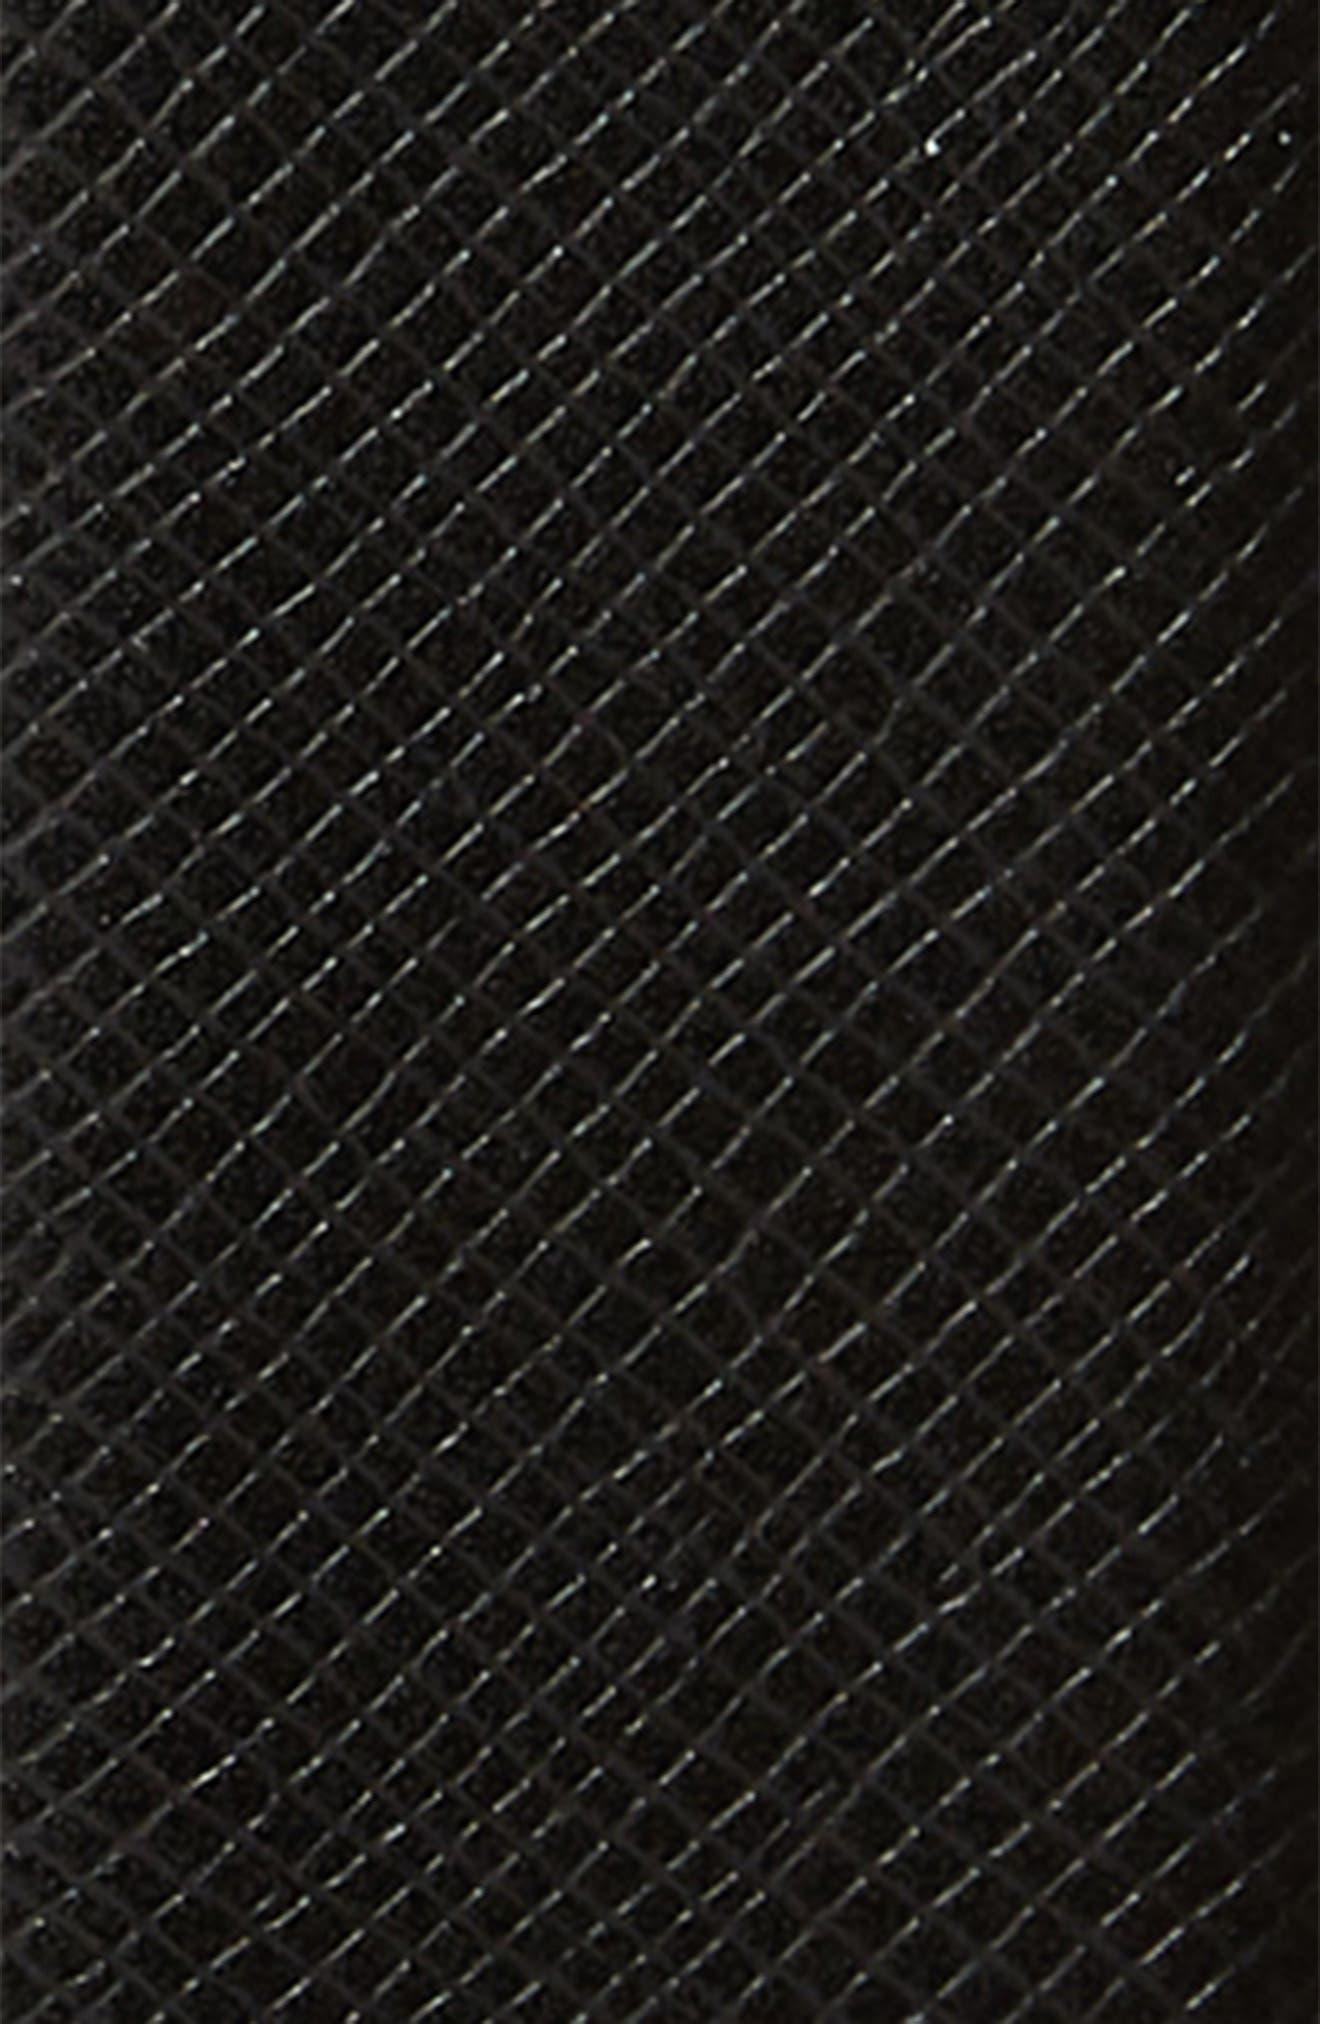 TED BAKER LONDON,                             Reversible Leather Belt,                             Alternate thumbnail 3, color,                             BLACK